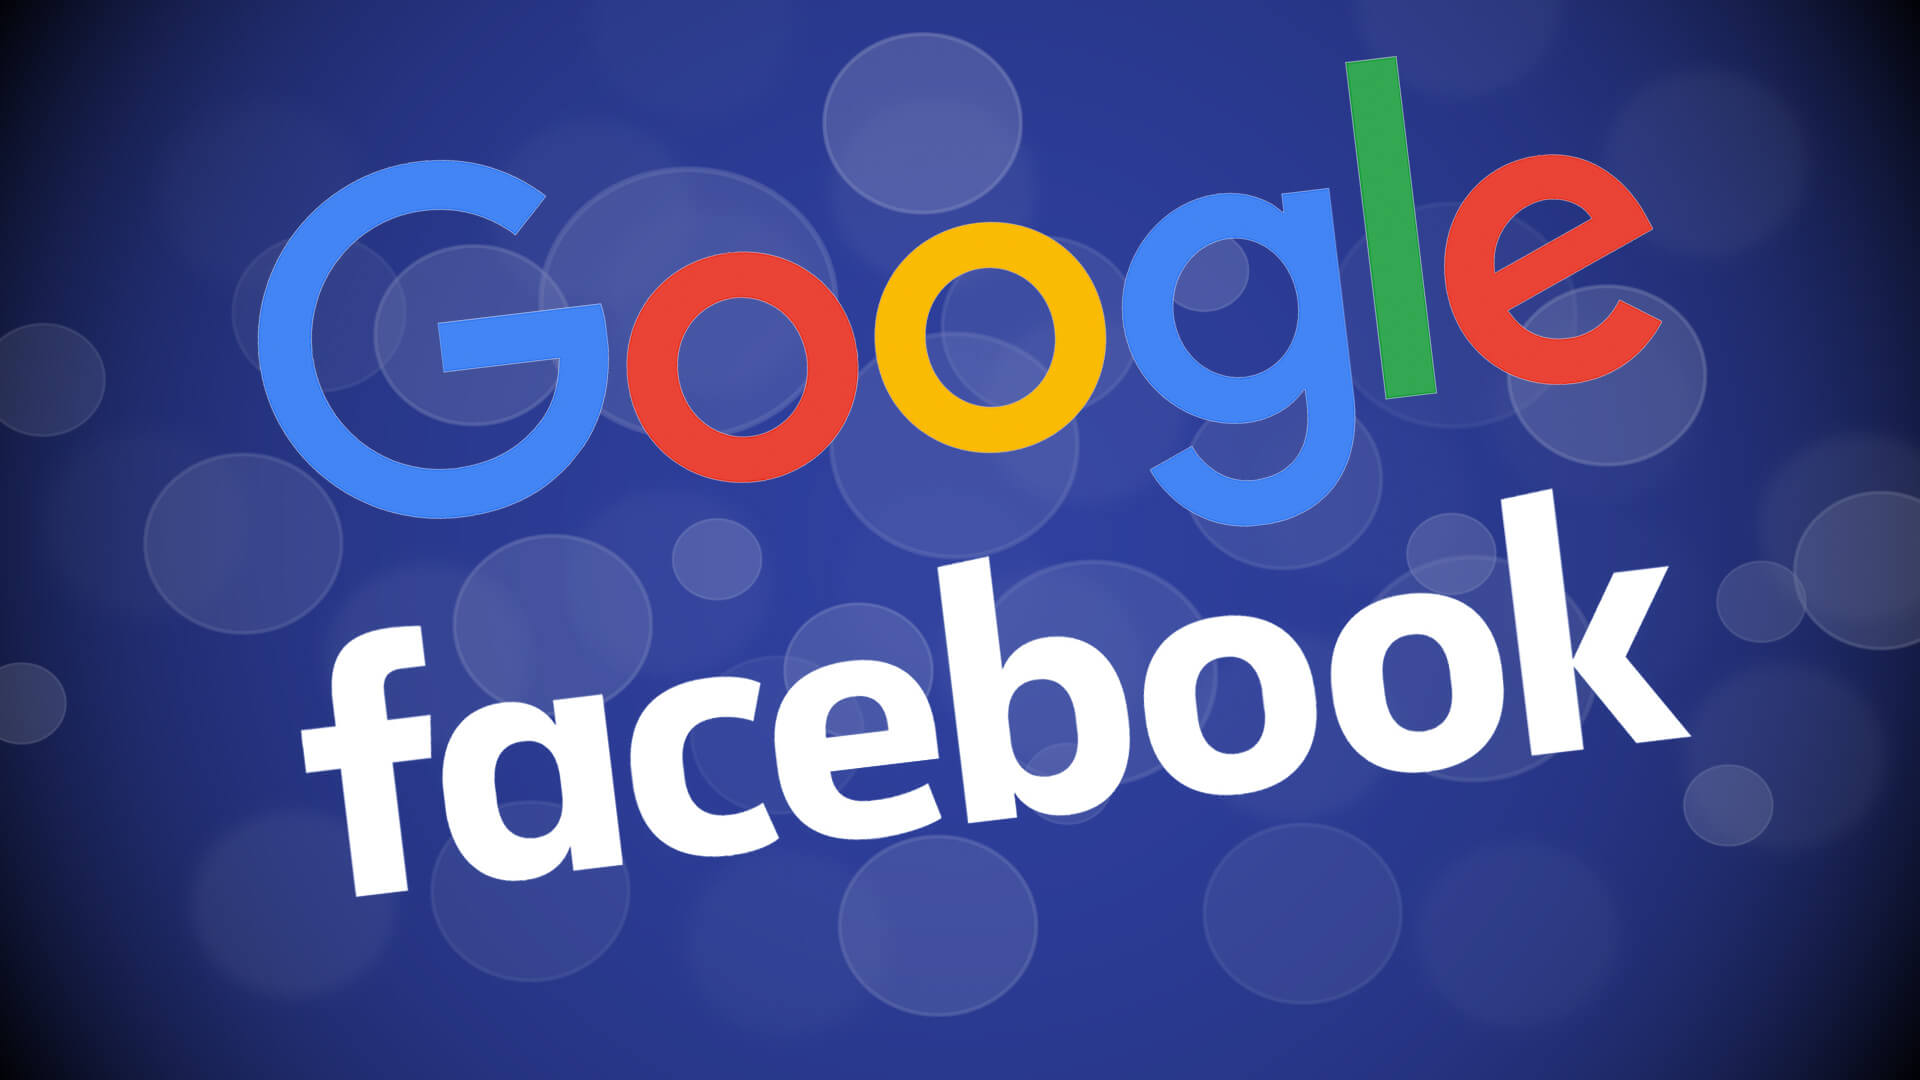 Google і Facebook домовилися про взаємодопомогу на випадок розслідувань влади США